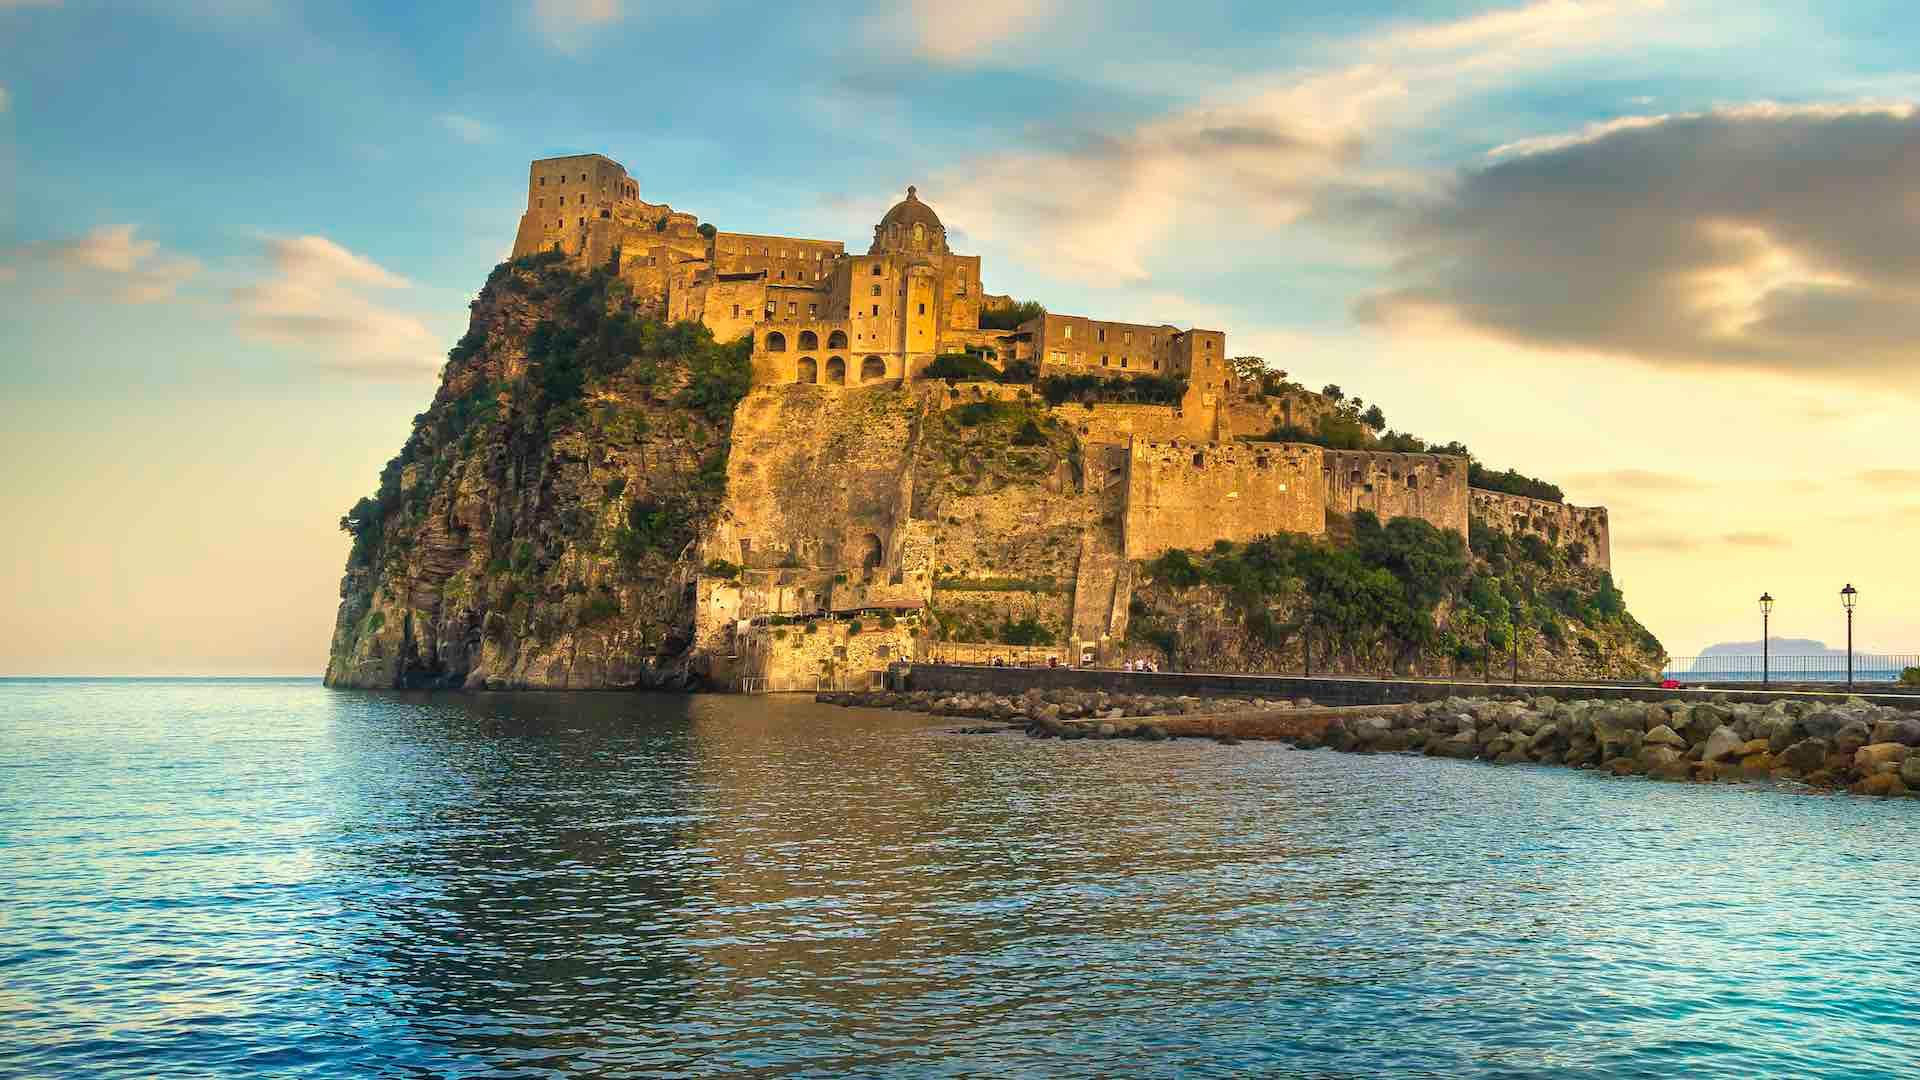 Il Castello Aragonese di Ischia: roccaforte iconica dell'isola